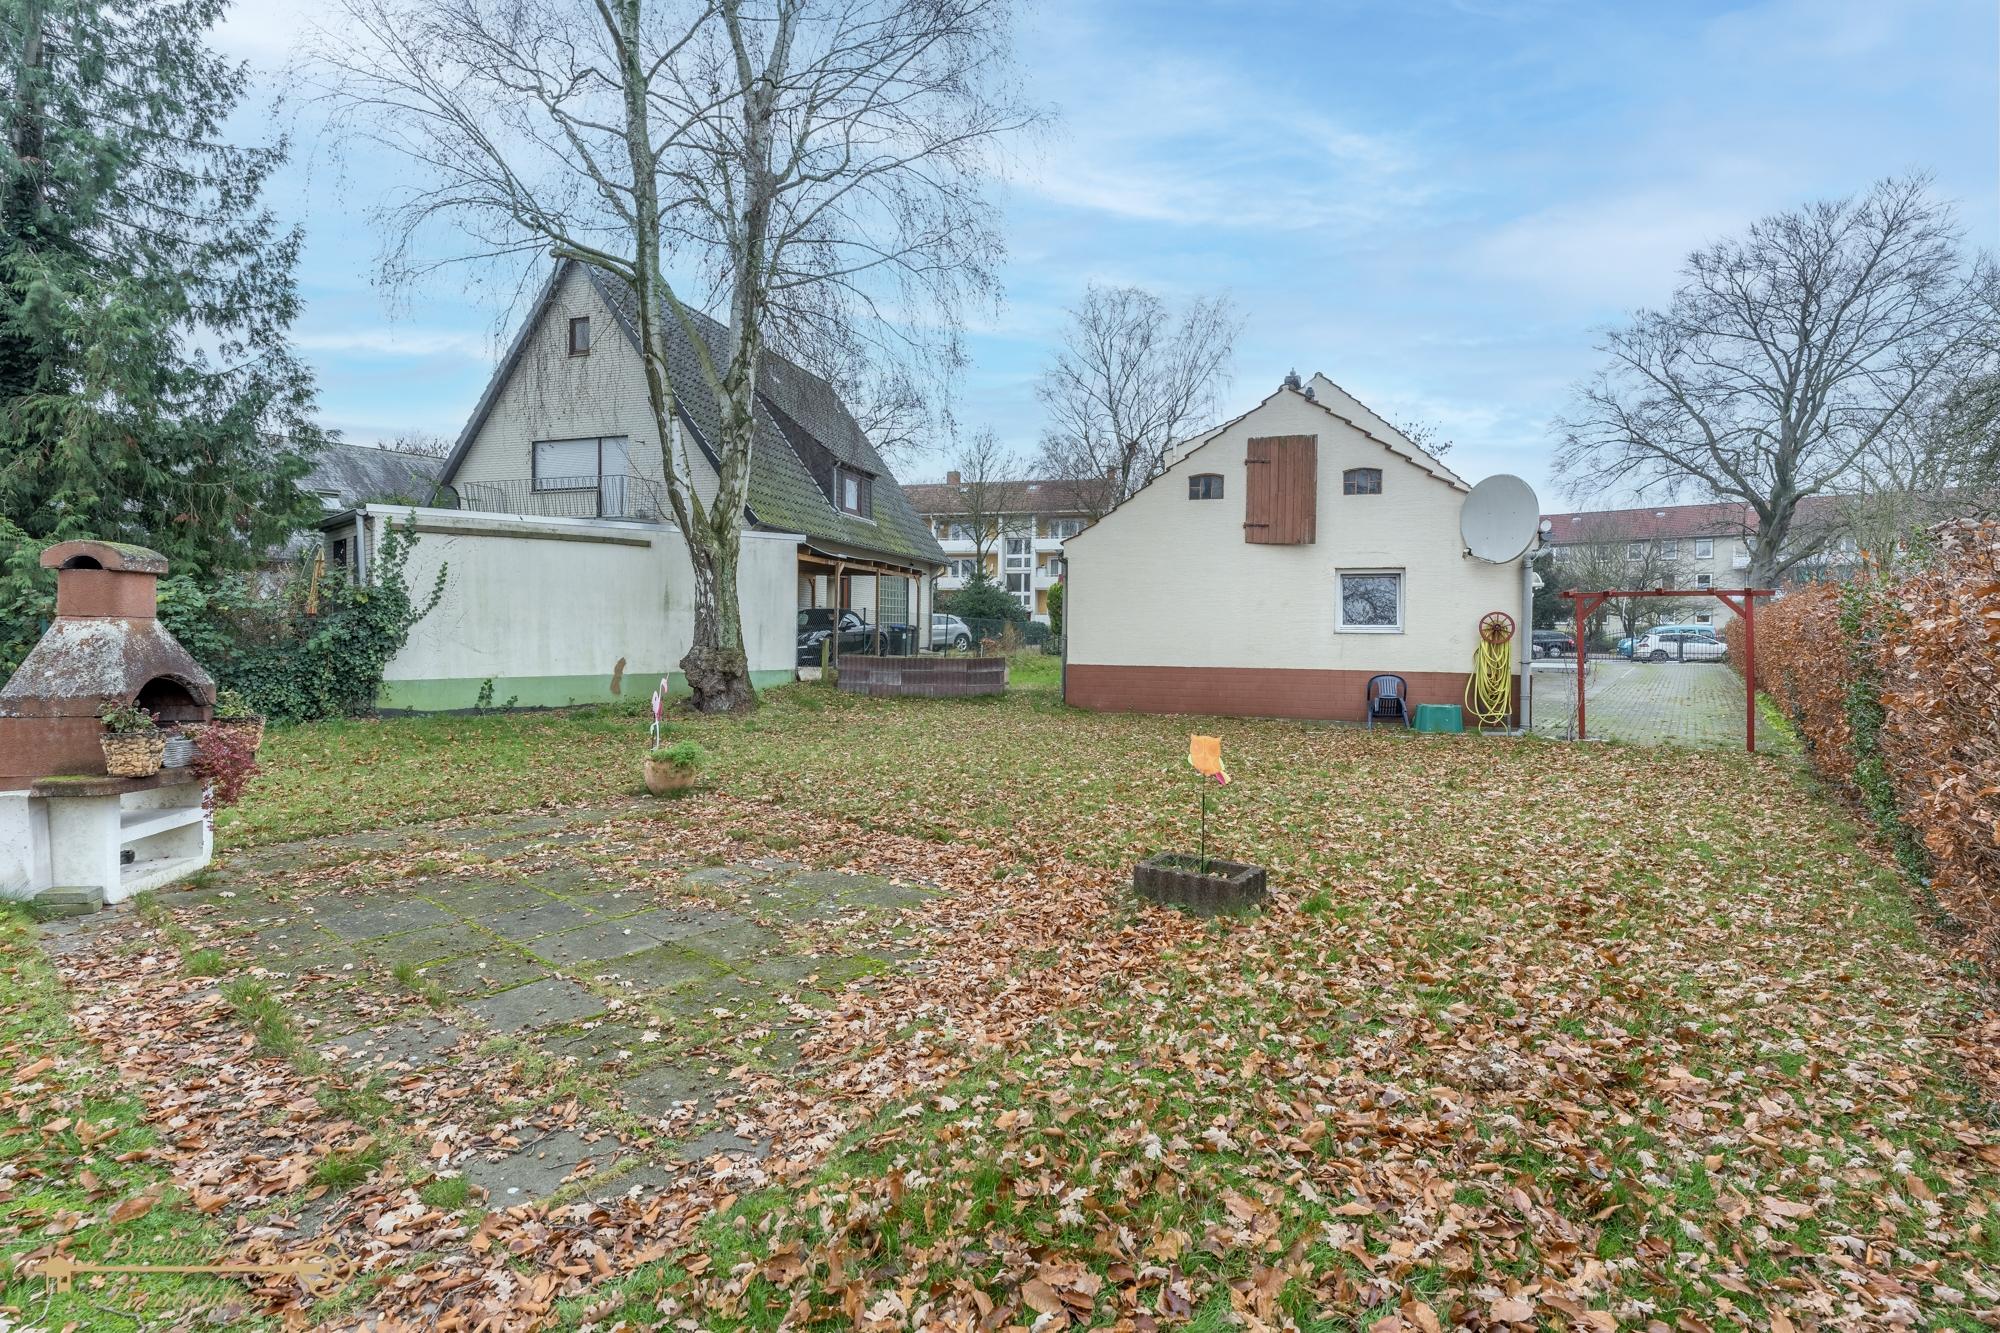 2020-12-12-Breitenbach-Immobilien-16